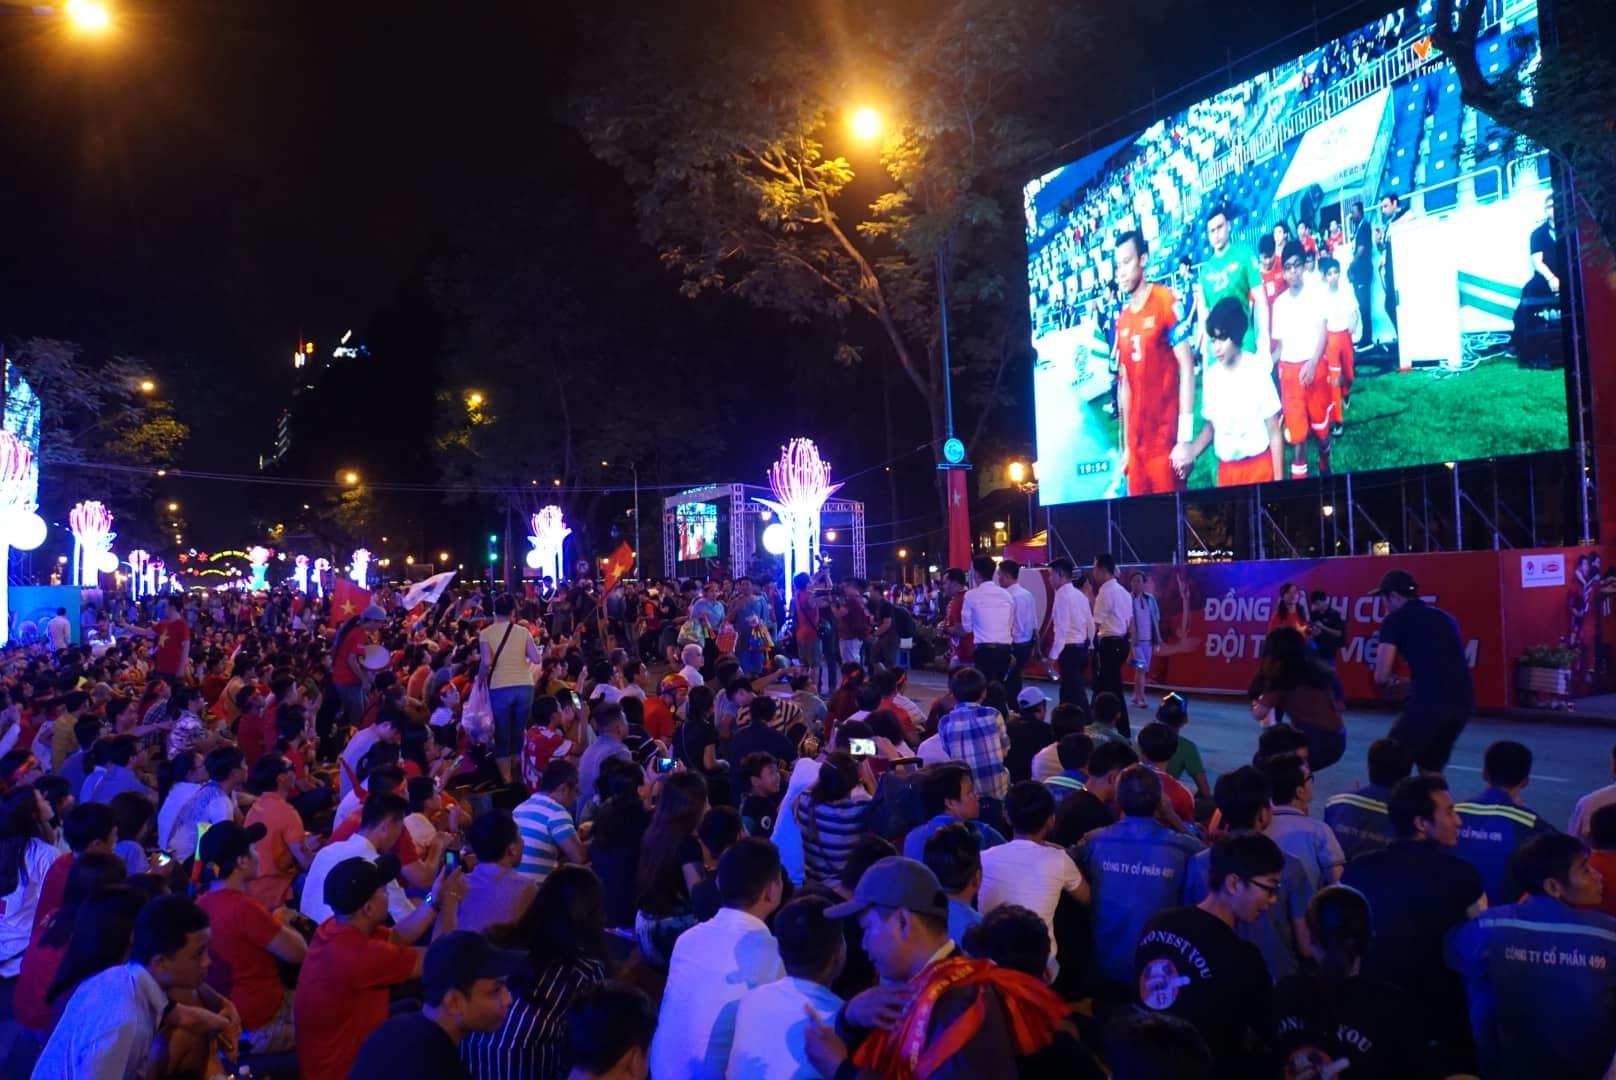 Nghìn người hâm mộ Sài Gòn đổ về đường Lê Duẩn cổ vũ tuyển Việt Nam